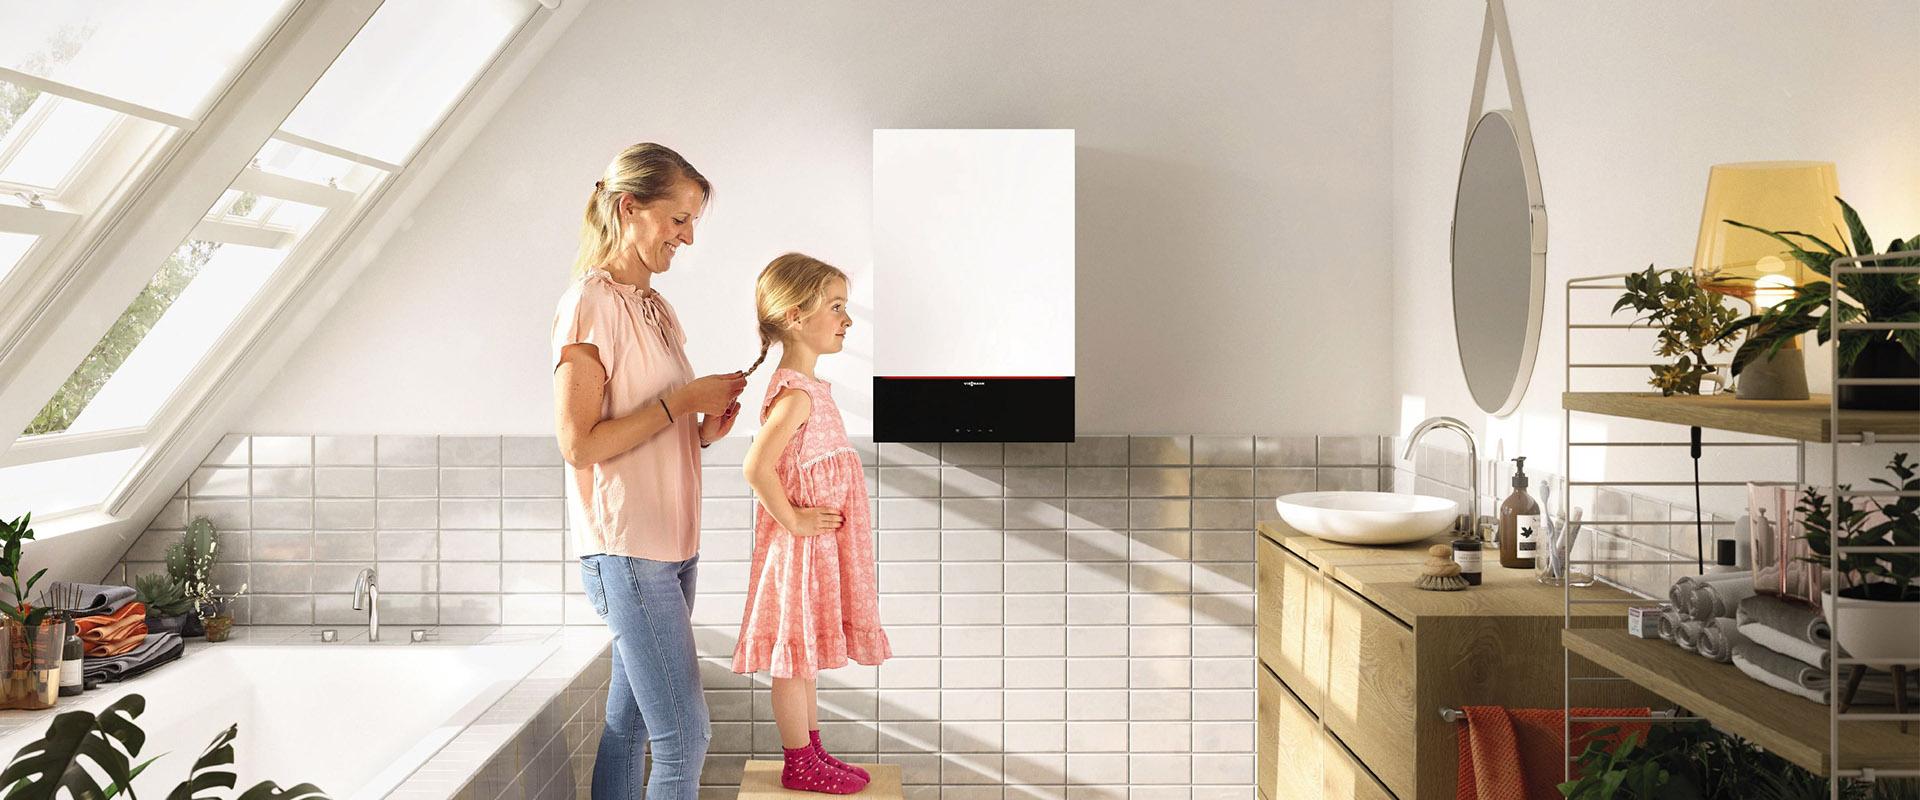 Installer un chaudière gaz dans une salle de bain